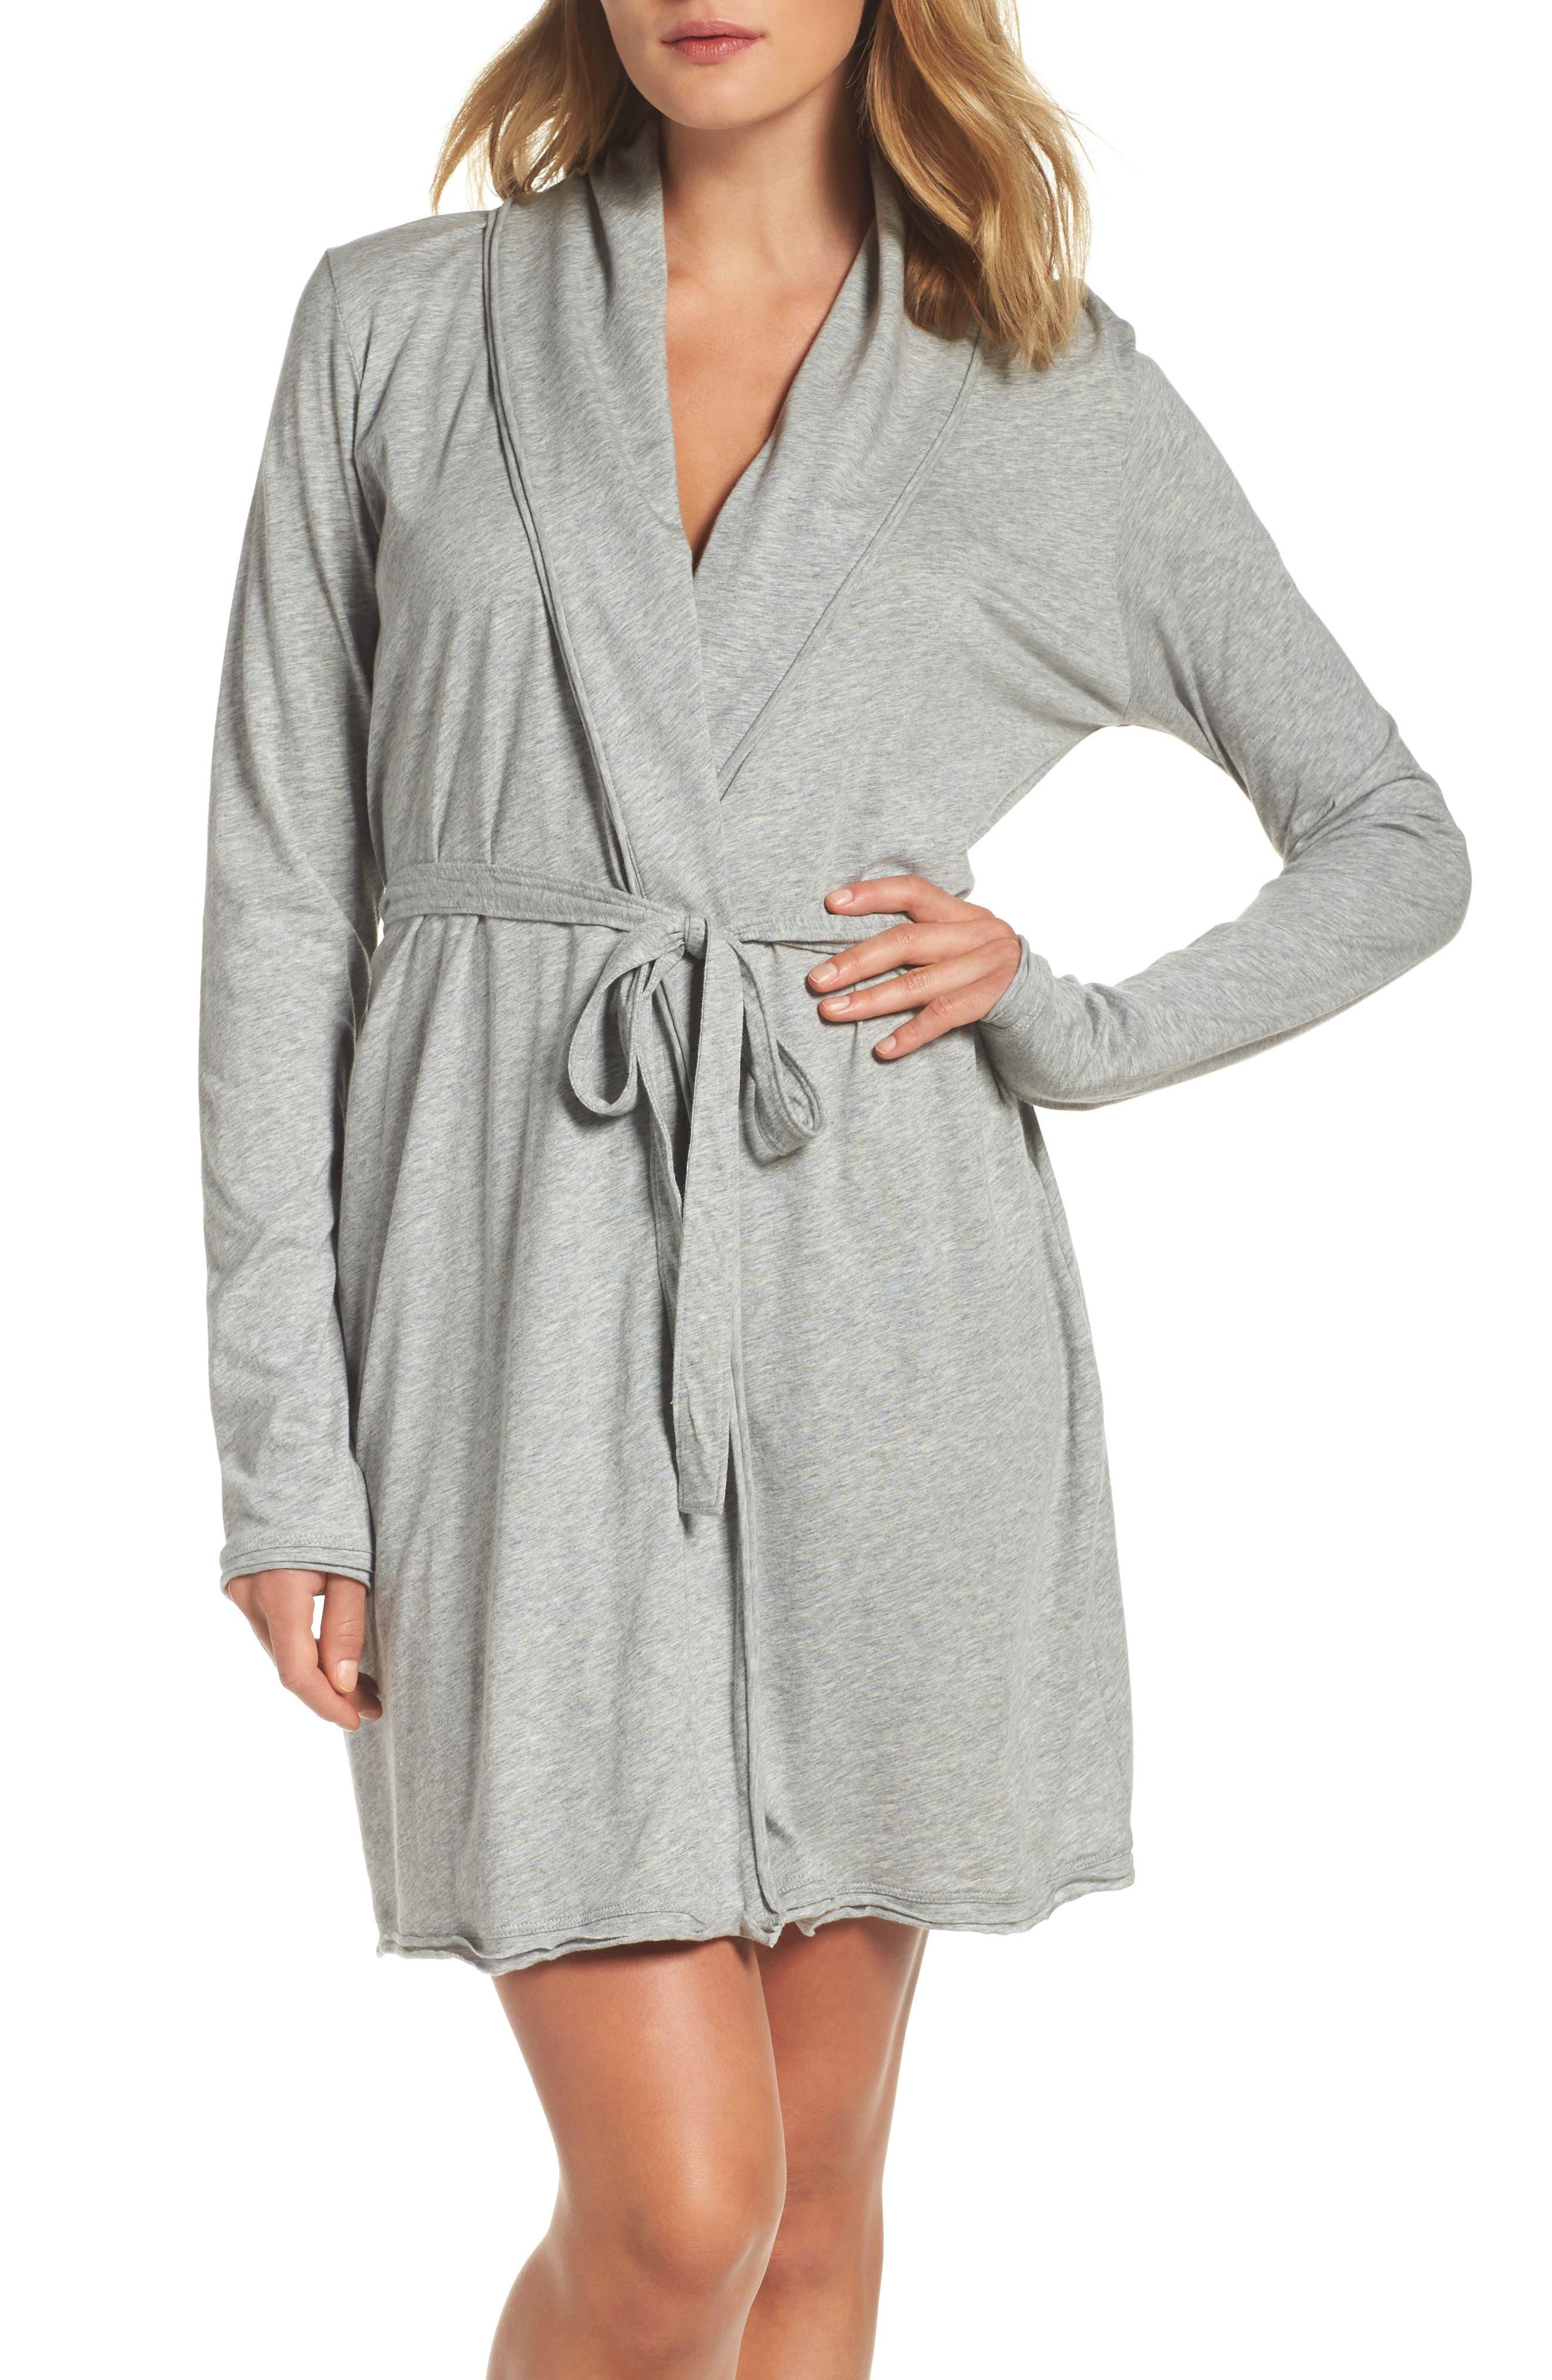 Coco Short Robe,                         Main,                         color, 020